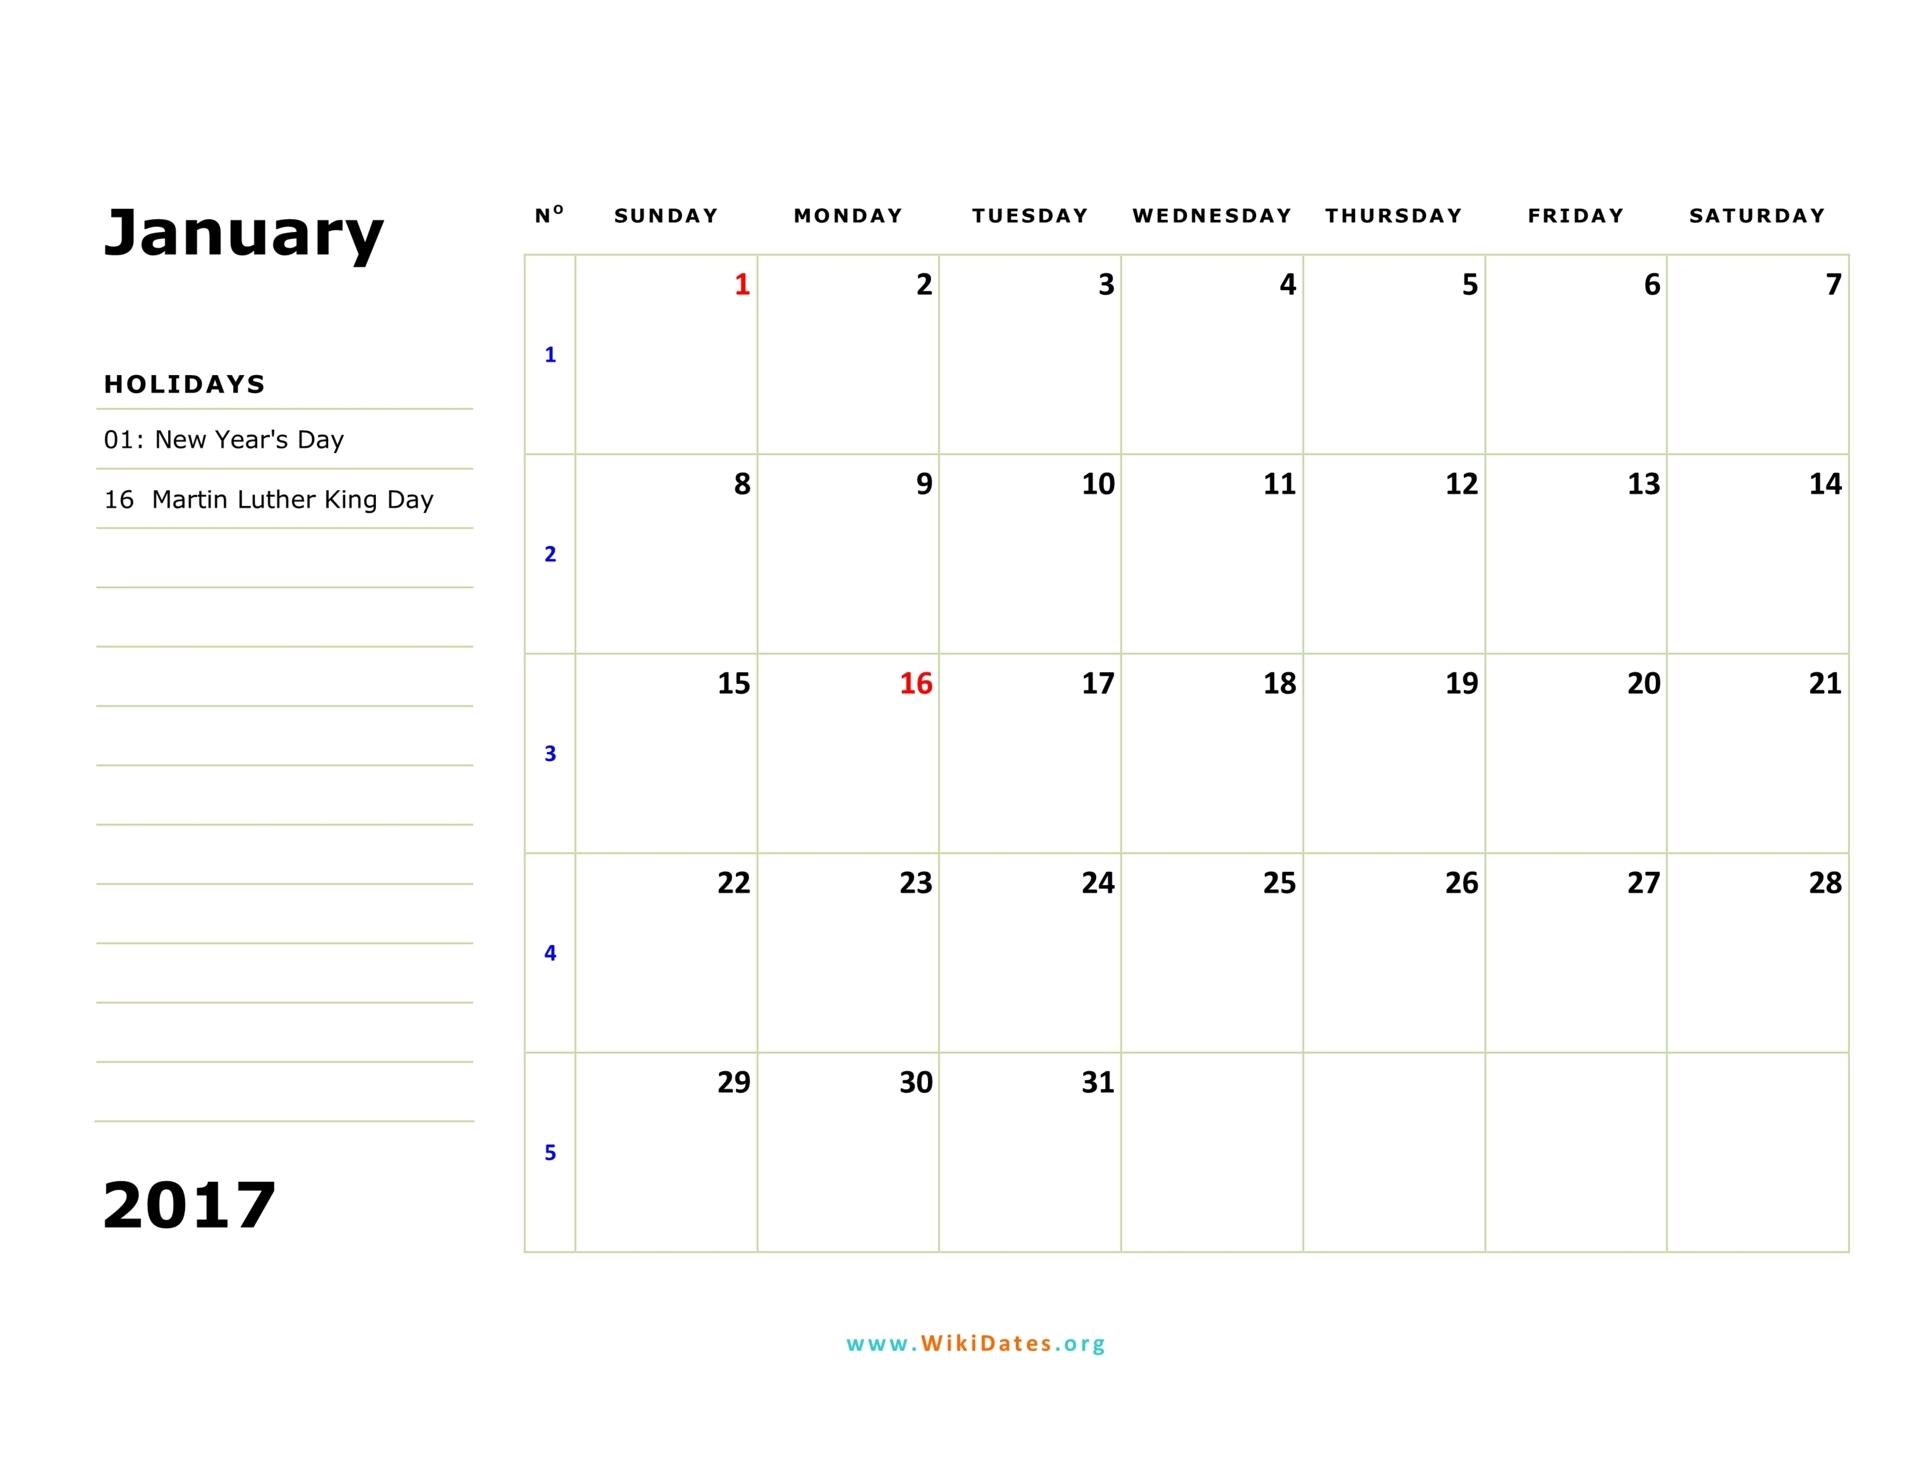 Calendar Monthly 2017 : Calendar wikidates